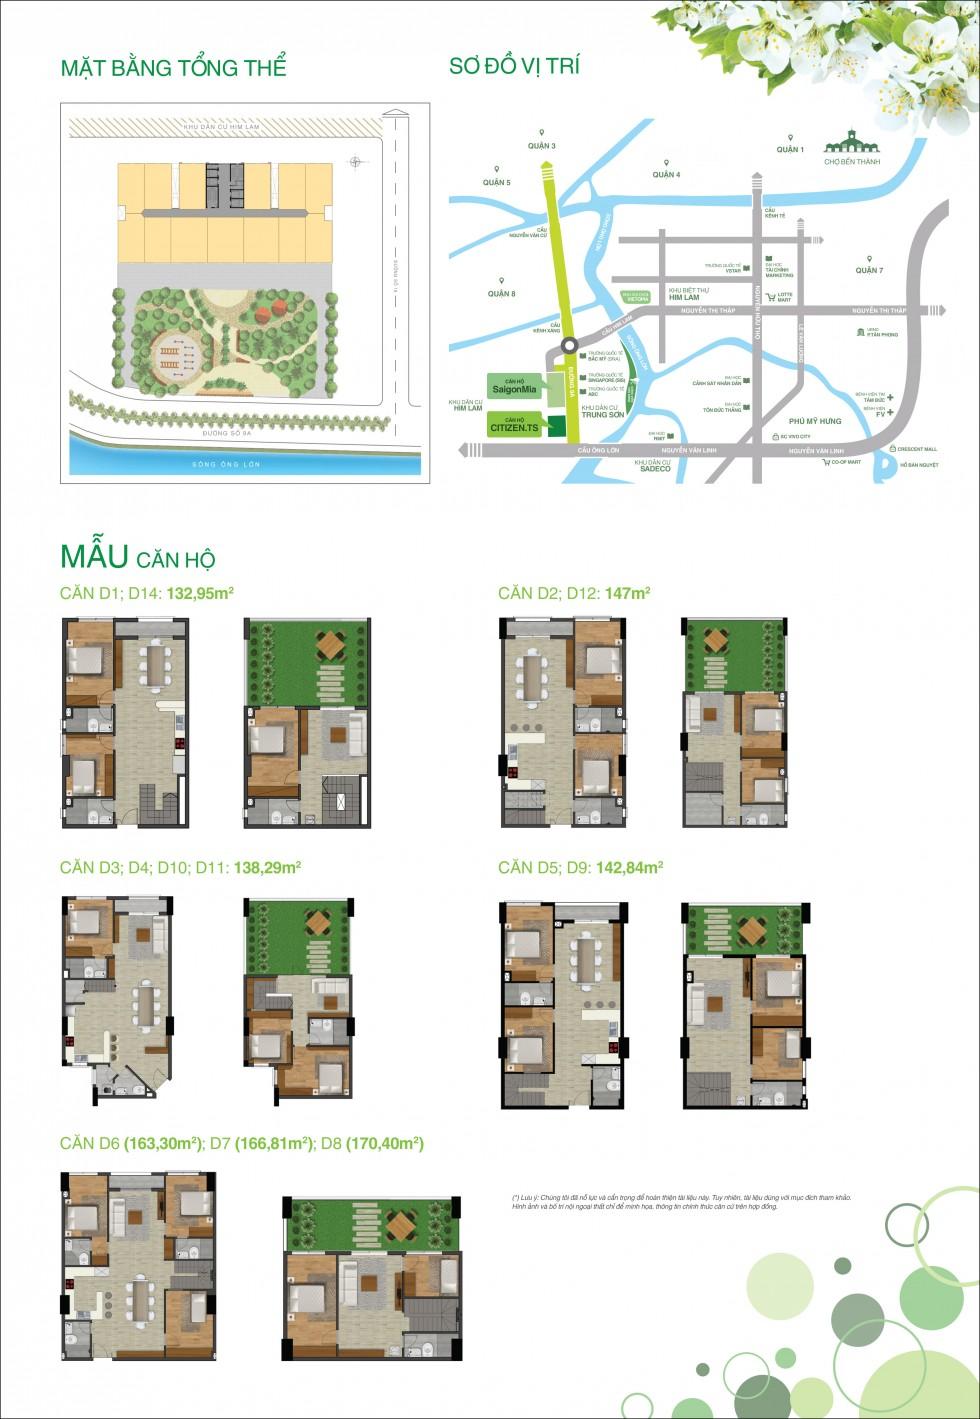 Mẫu thiết kế căn hộ Citizen.ts